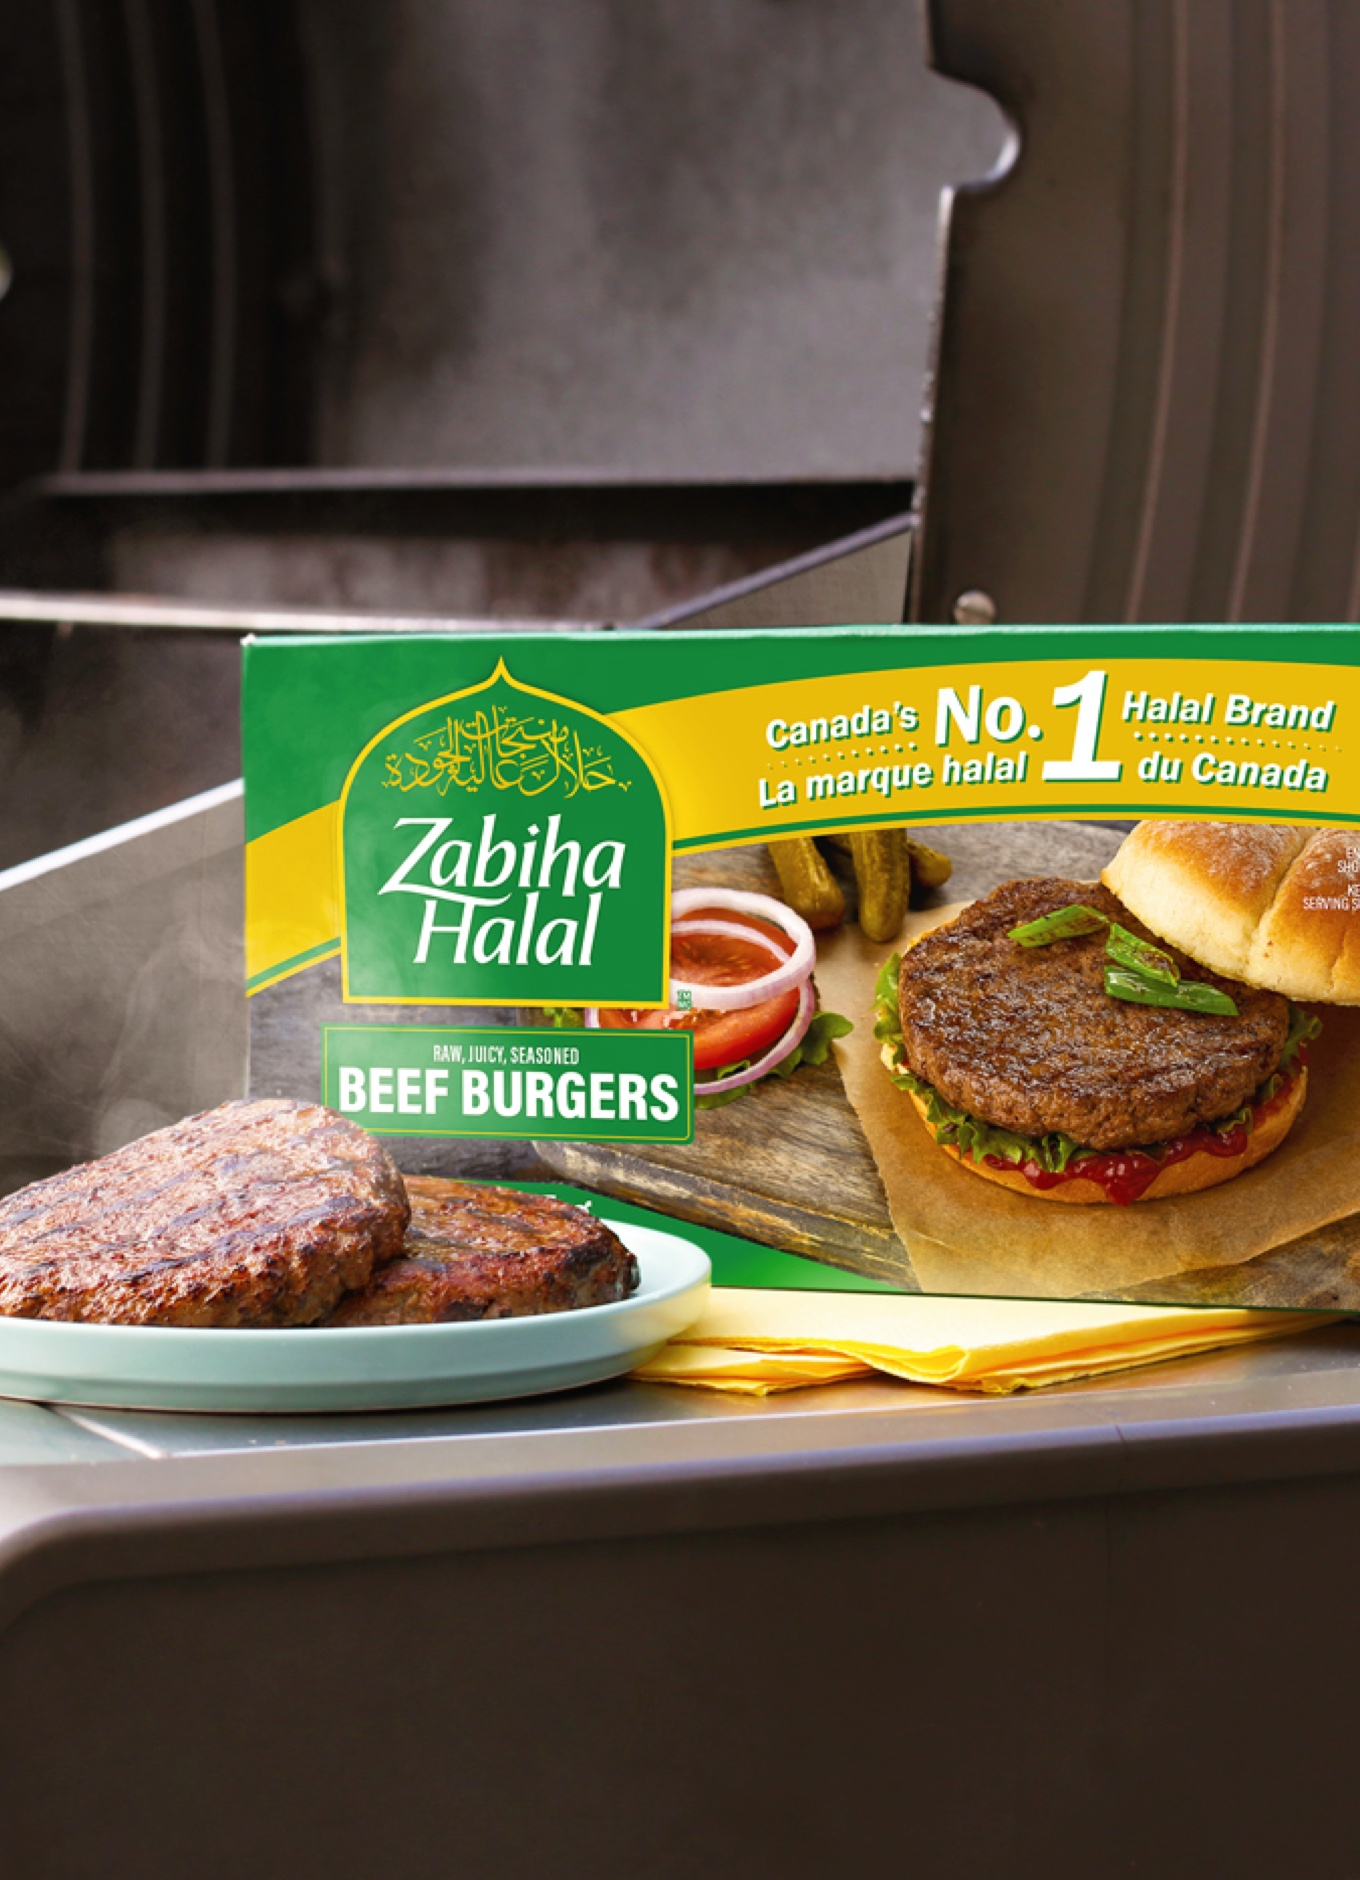 Un emballage de burgers de bœuf Zabiha Halal à côté d'une assiette de galettes sur un barbecue.